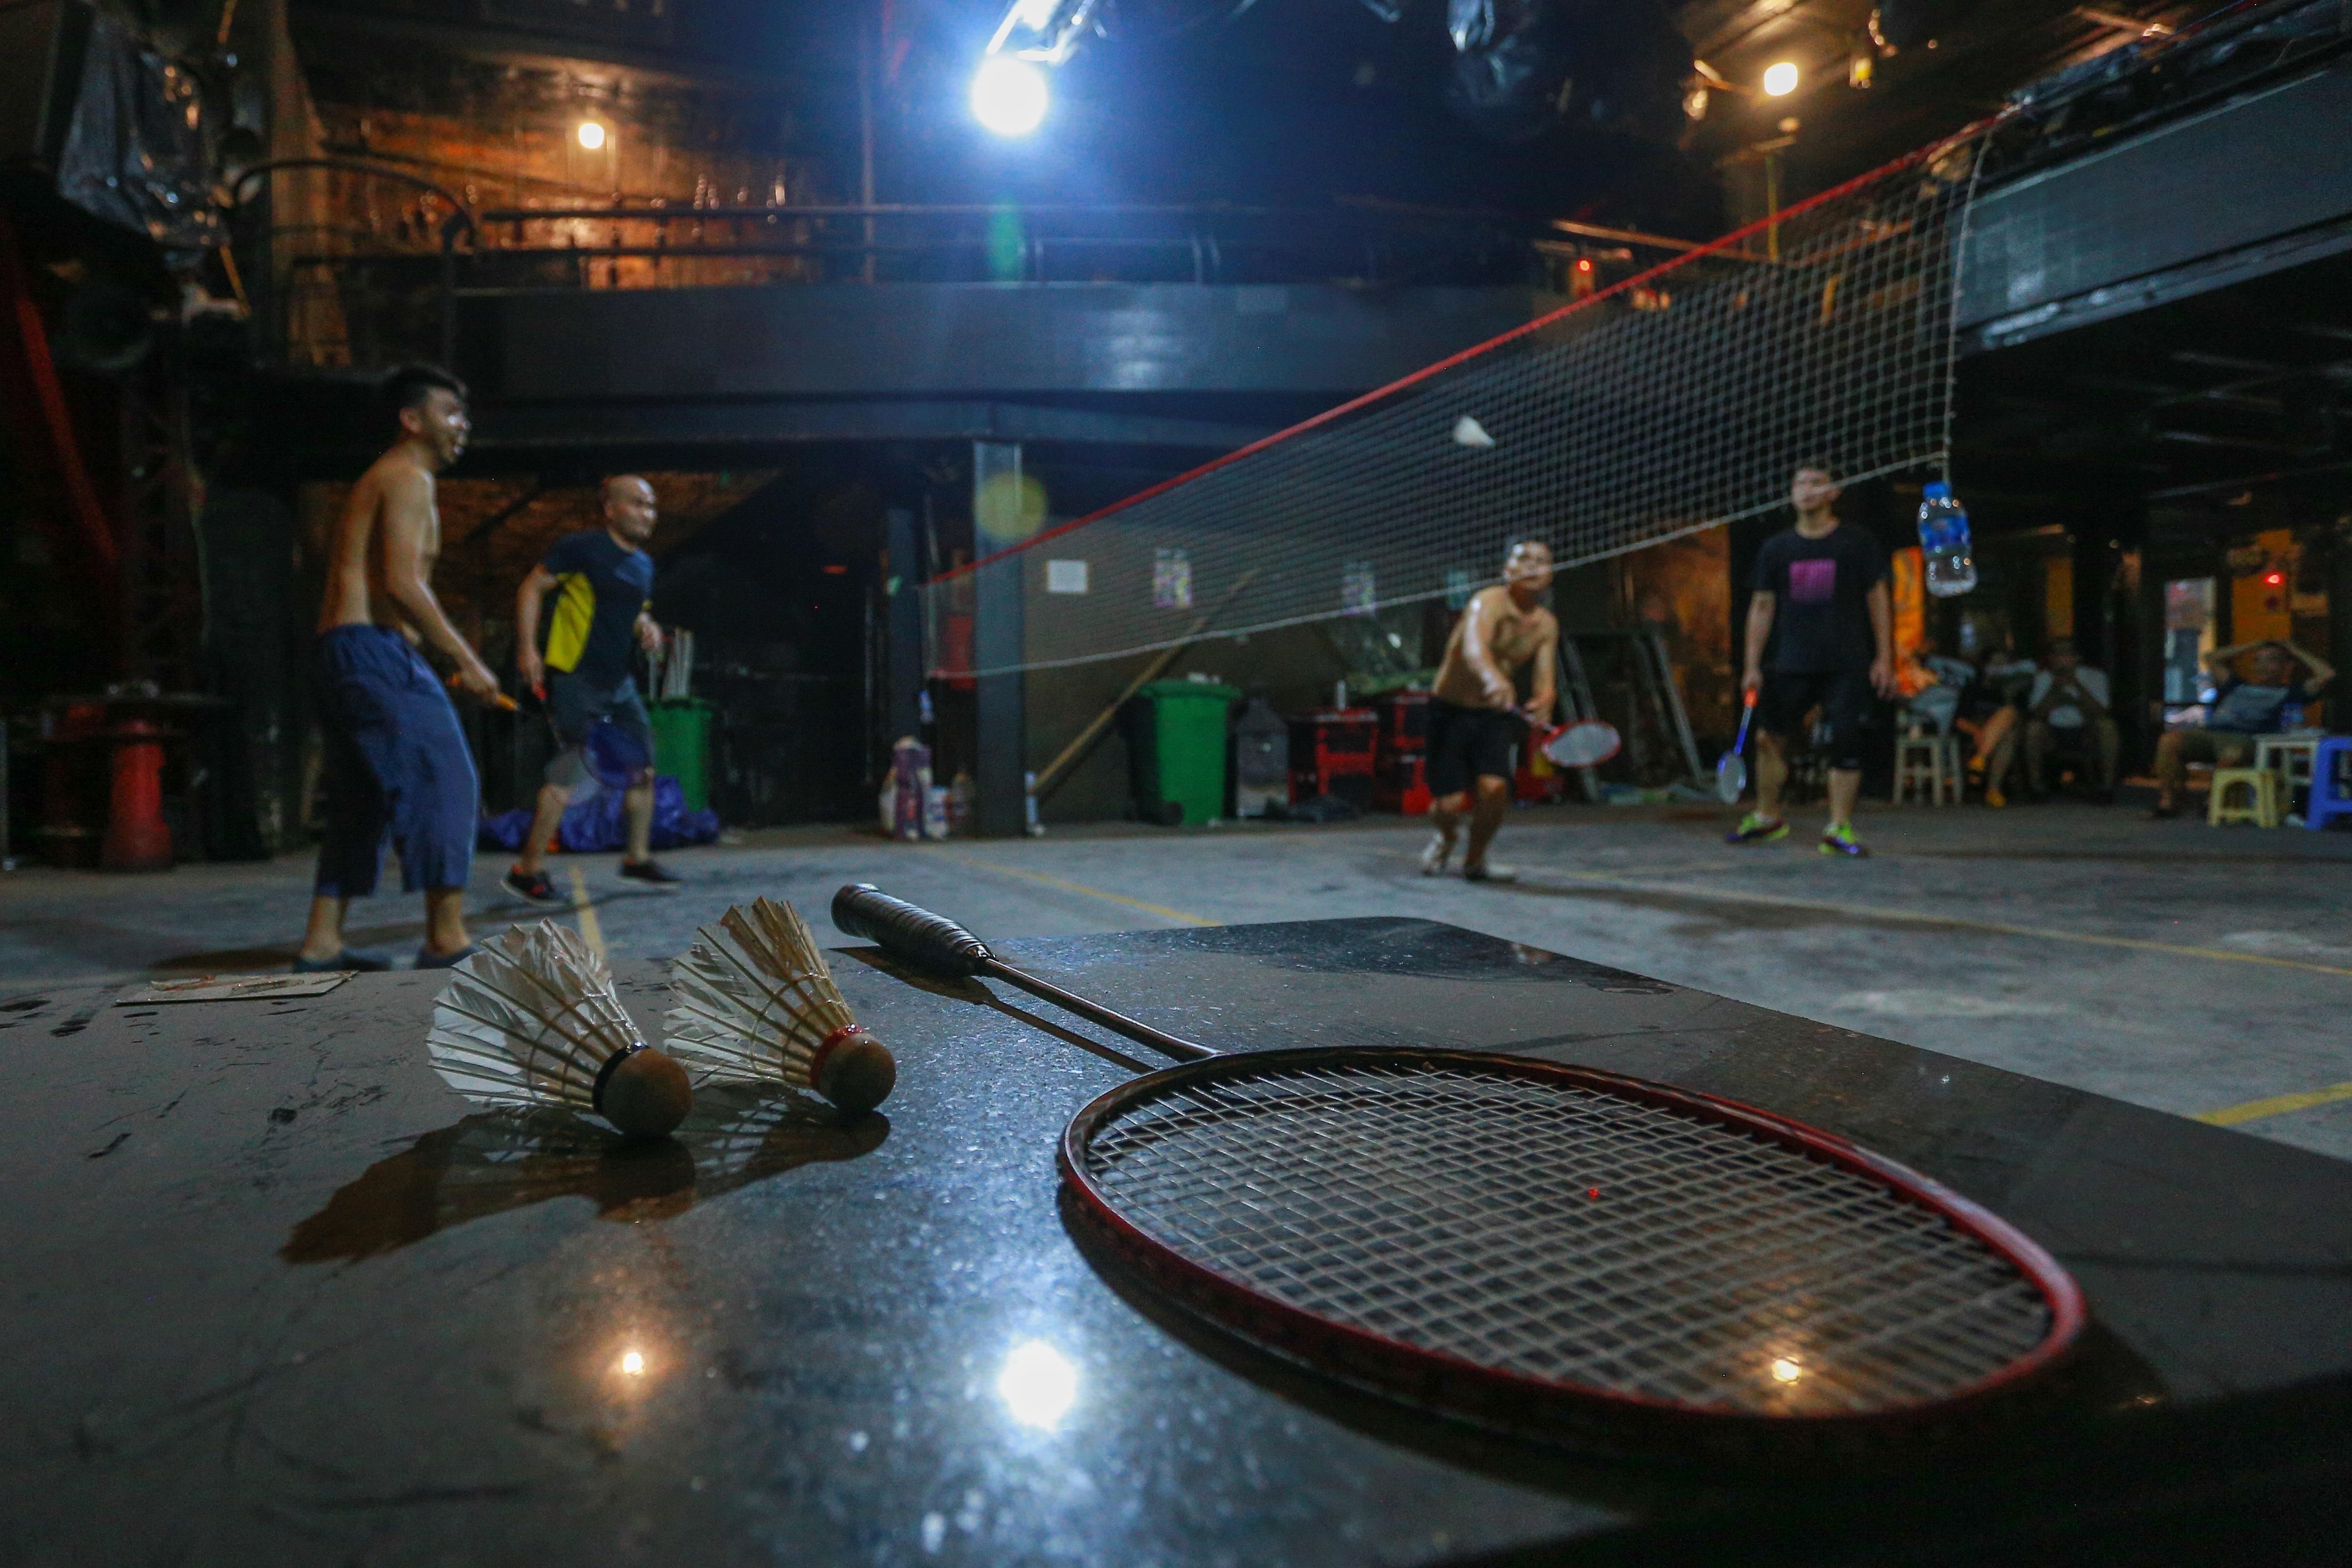 Đóng cửa vì dịch Covid-19, quán bar ở Hà Nội trở thành sân cầu lông - 9